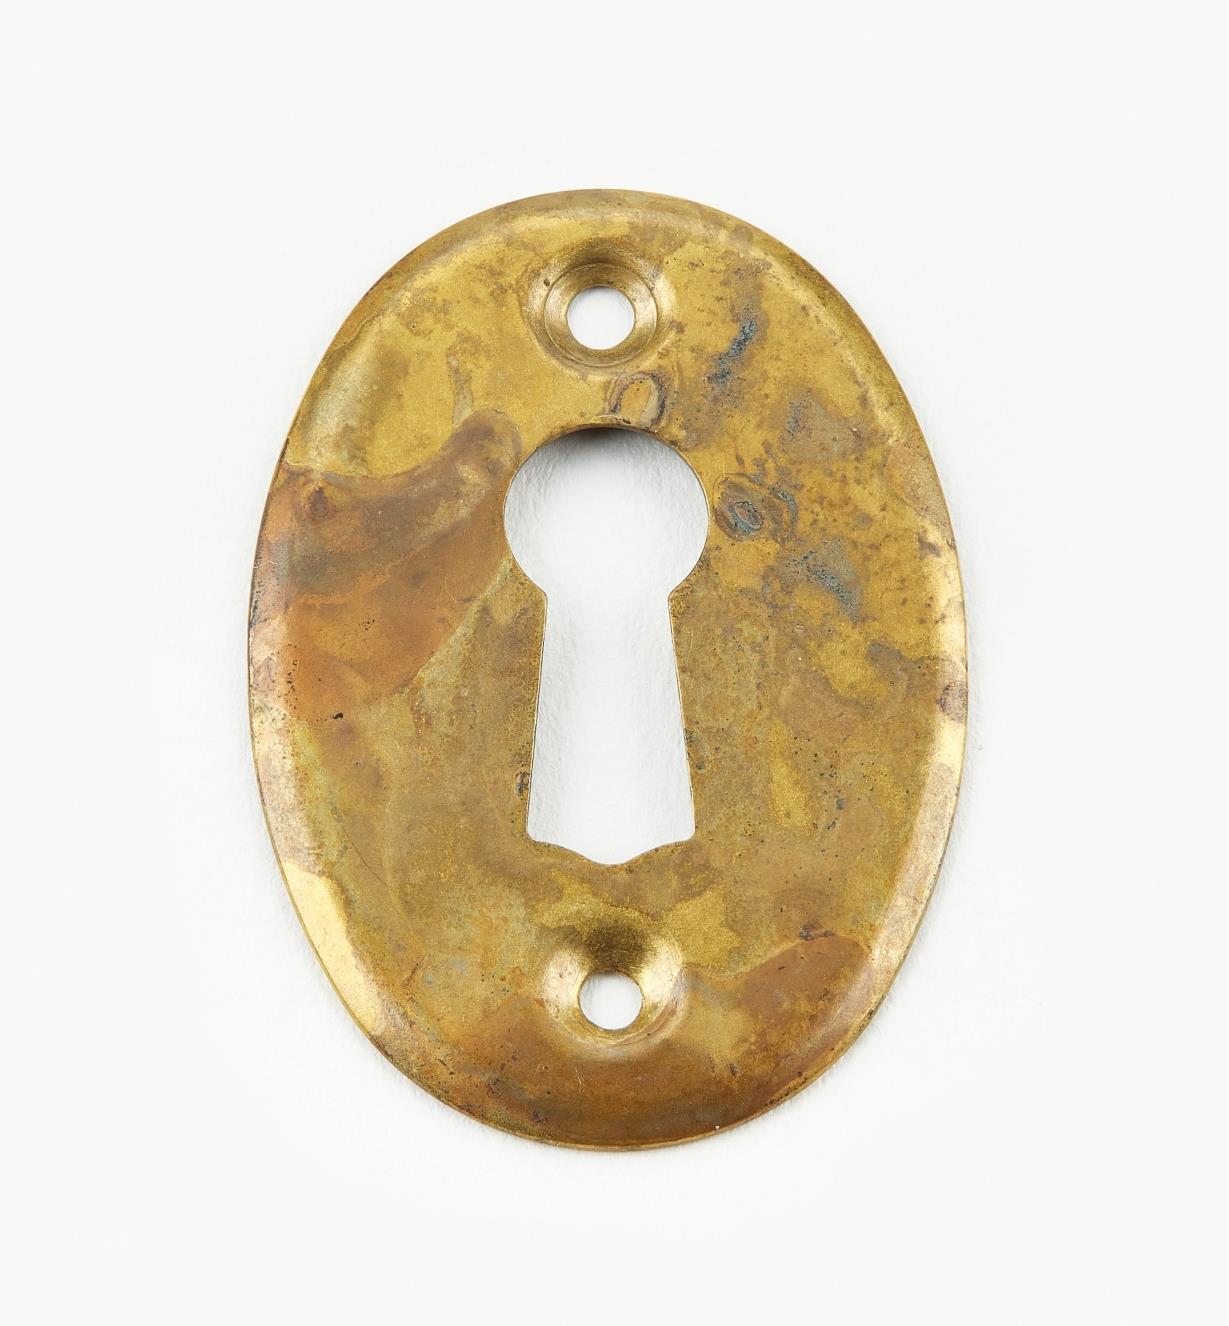 01A1970 - Vertical Pressed Old Brass Escutcheon